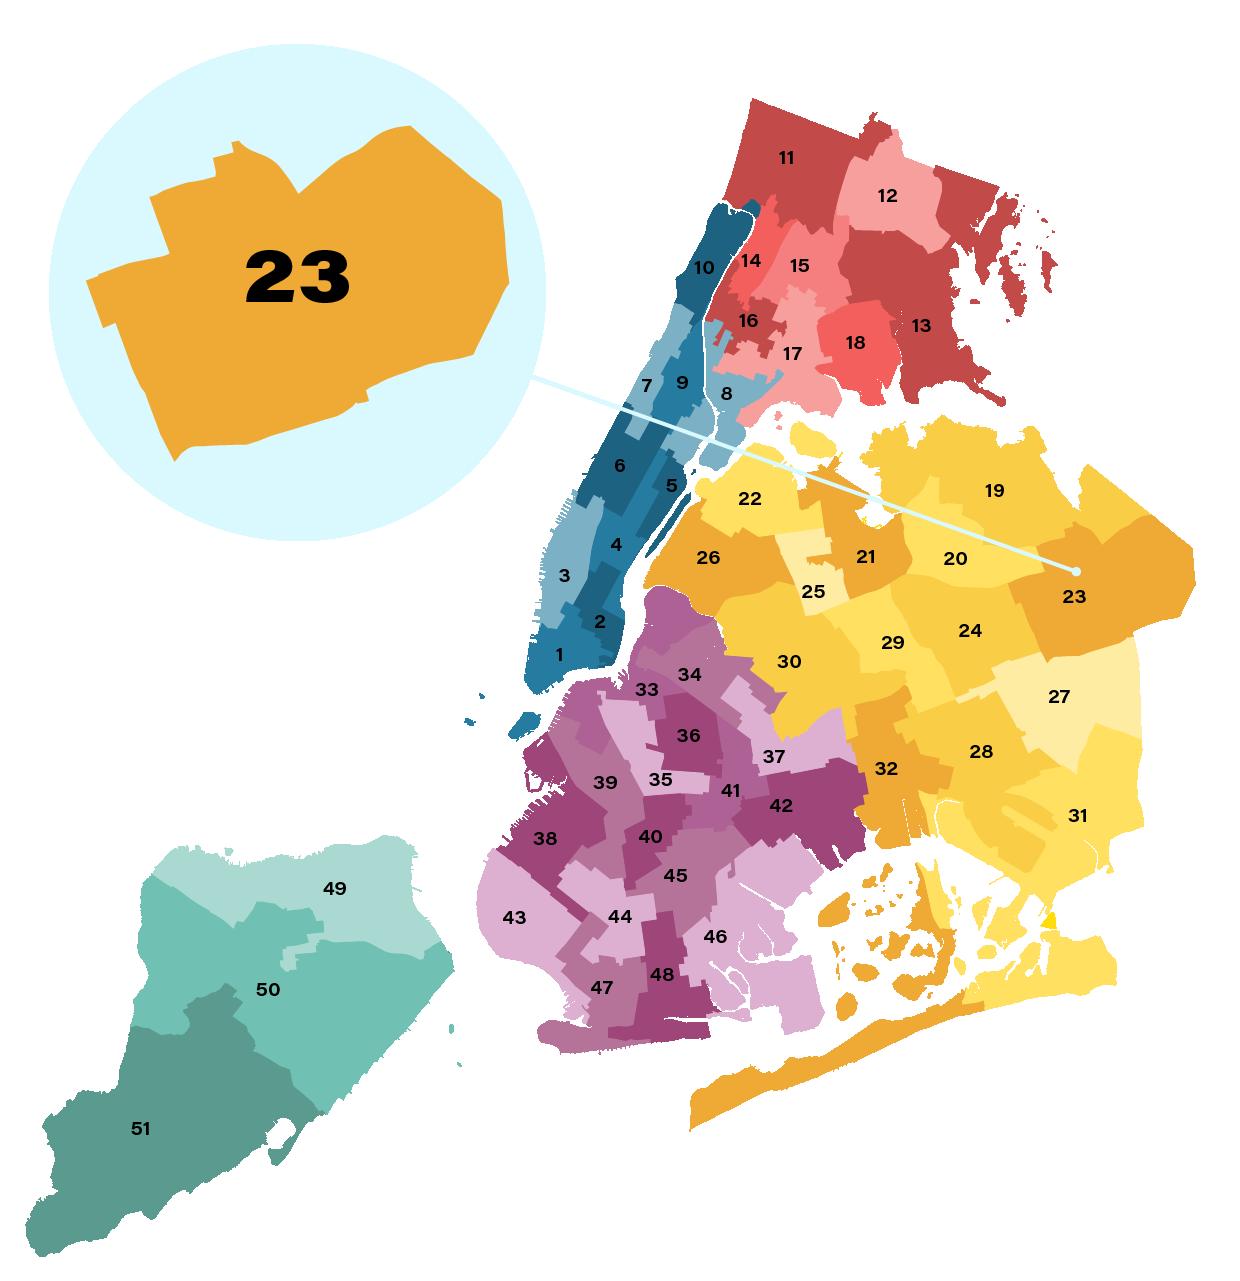 City Council District 23